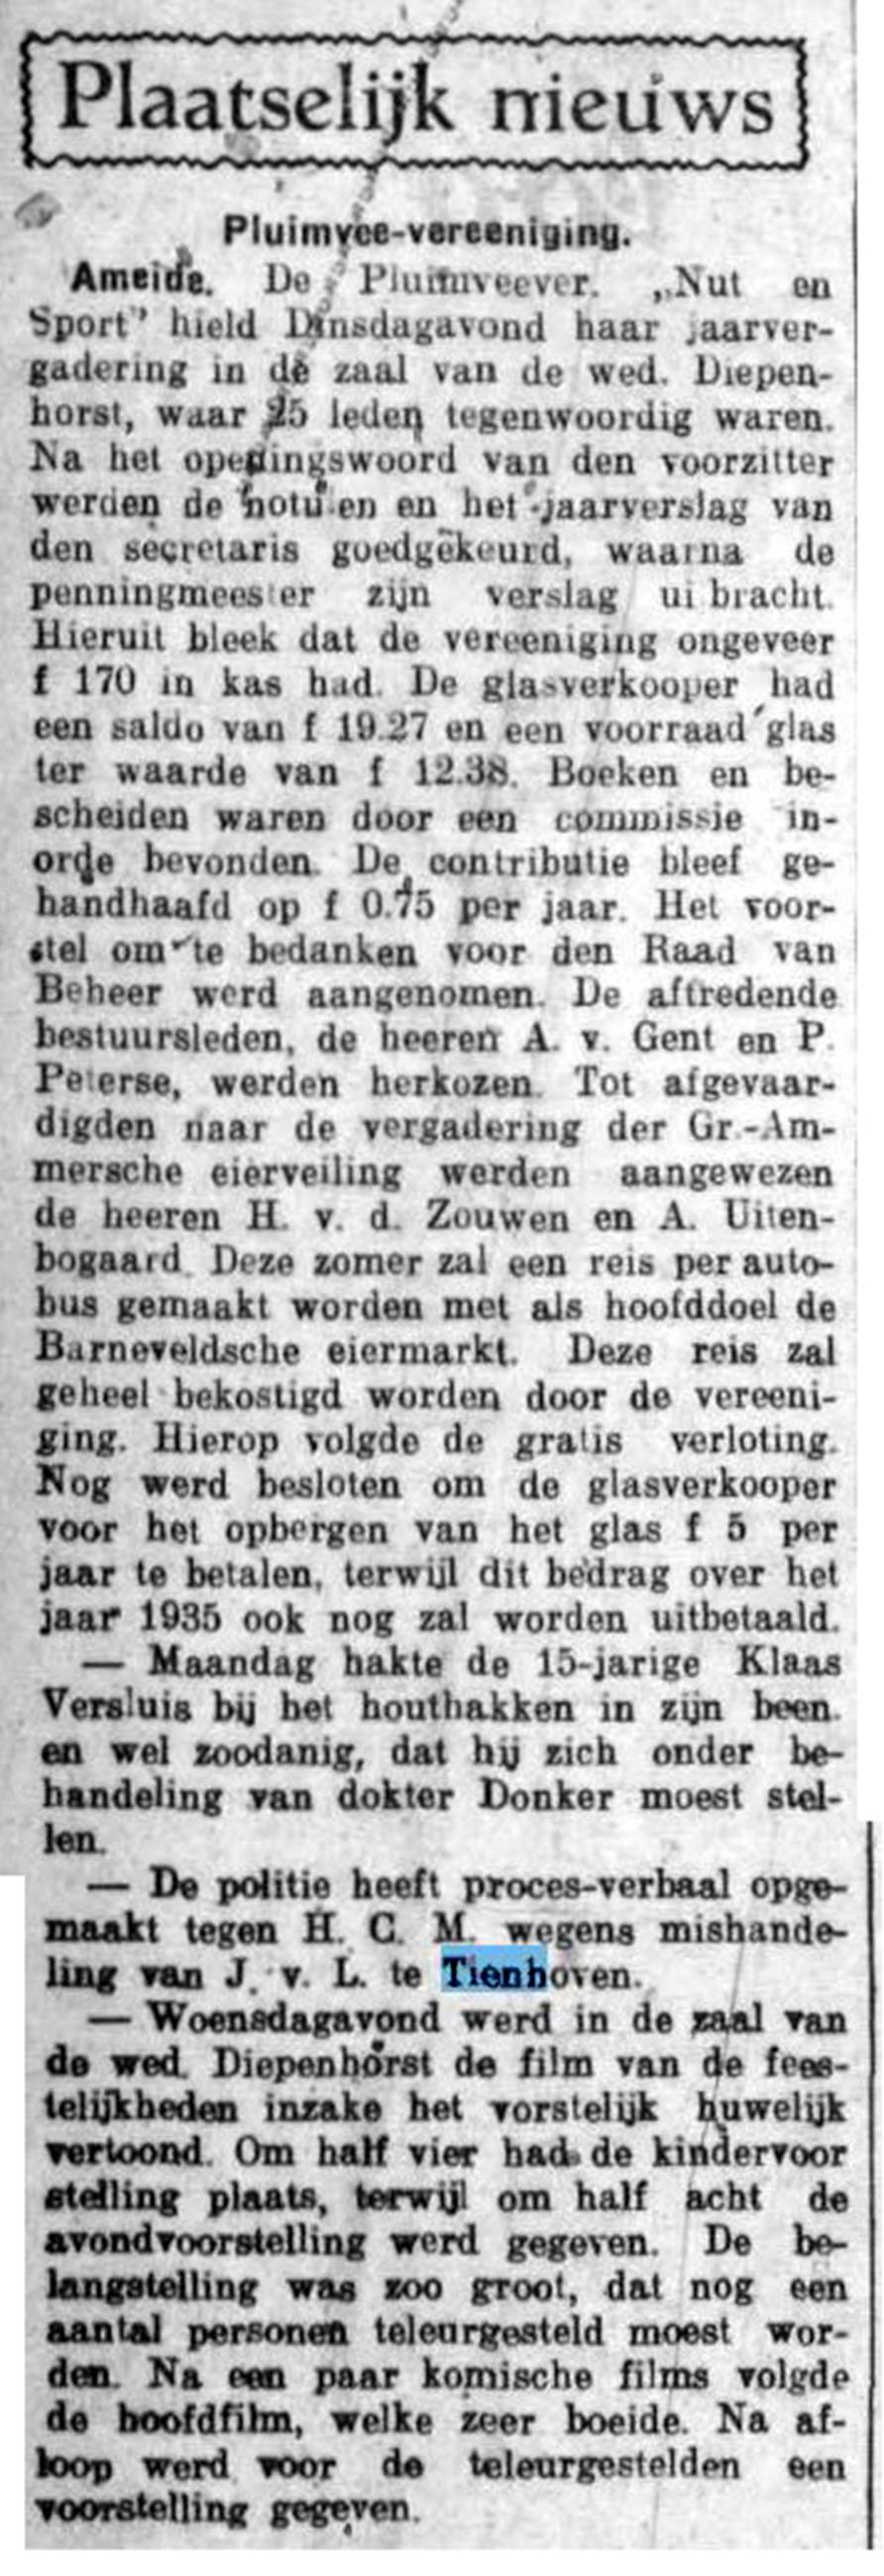 Schoonhovensche Courant 07765 1937-01-29 artikel 02